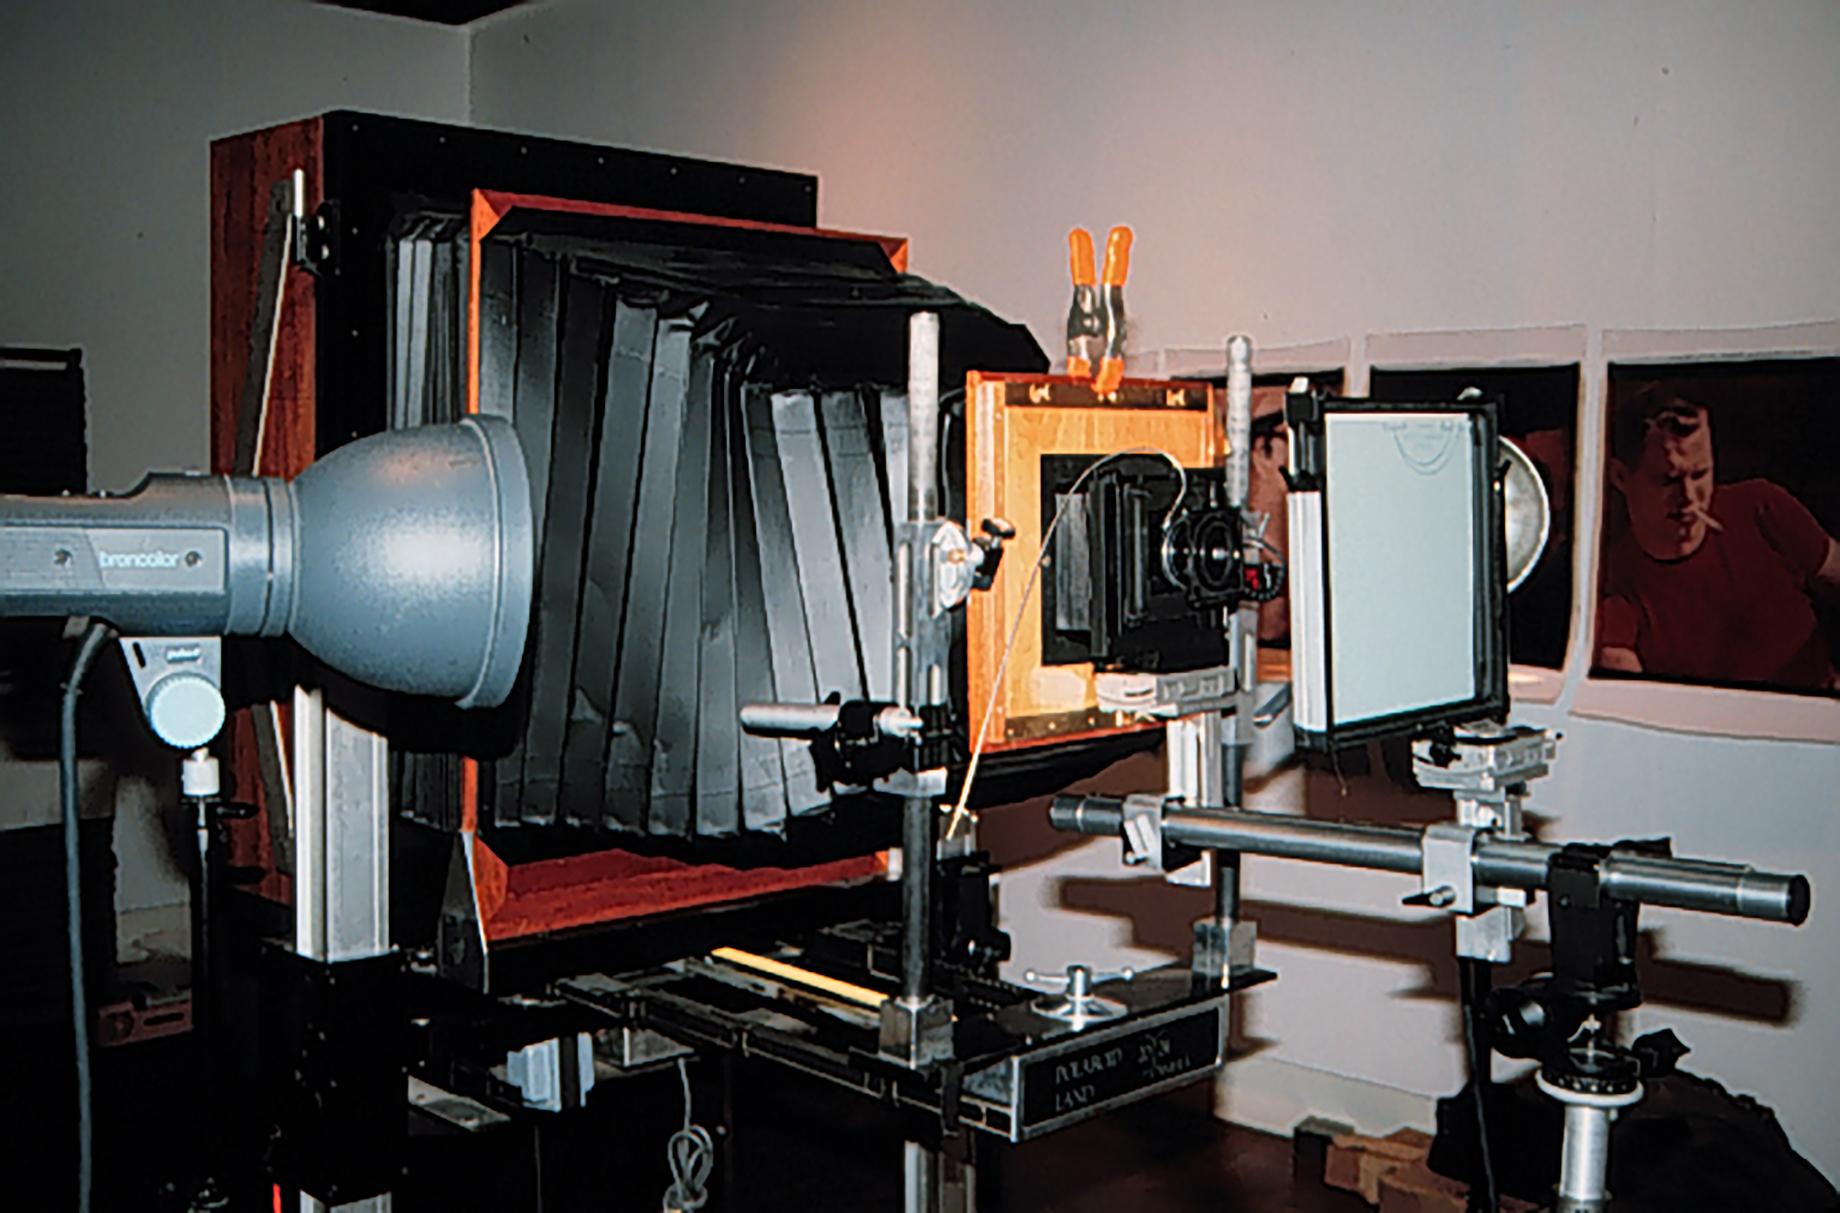 20x24 Polaroid Camera set up